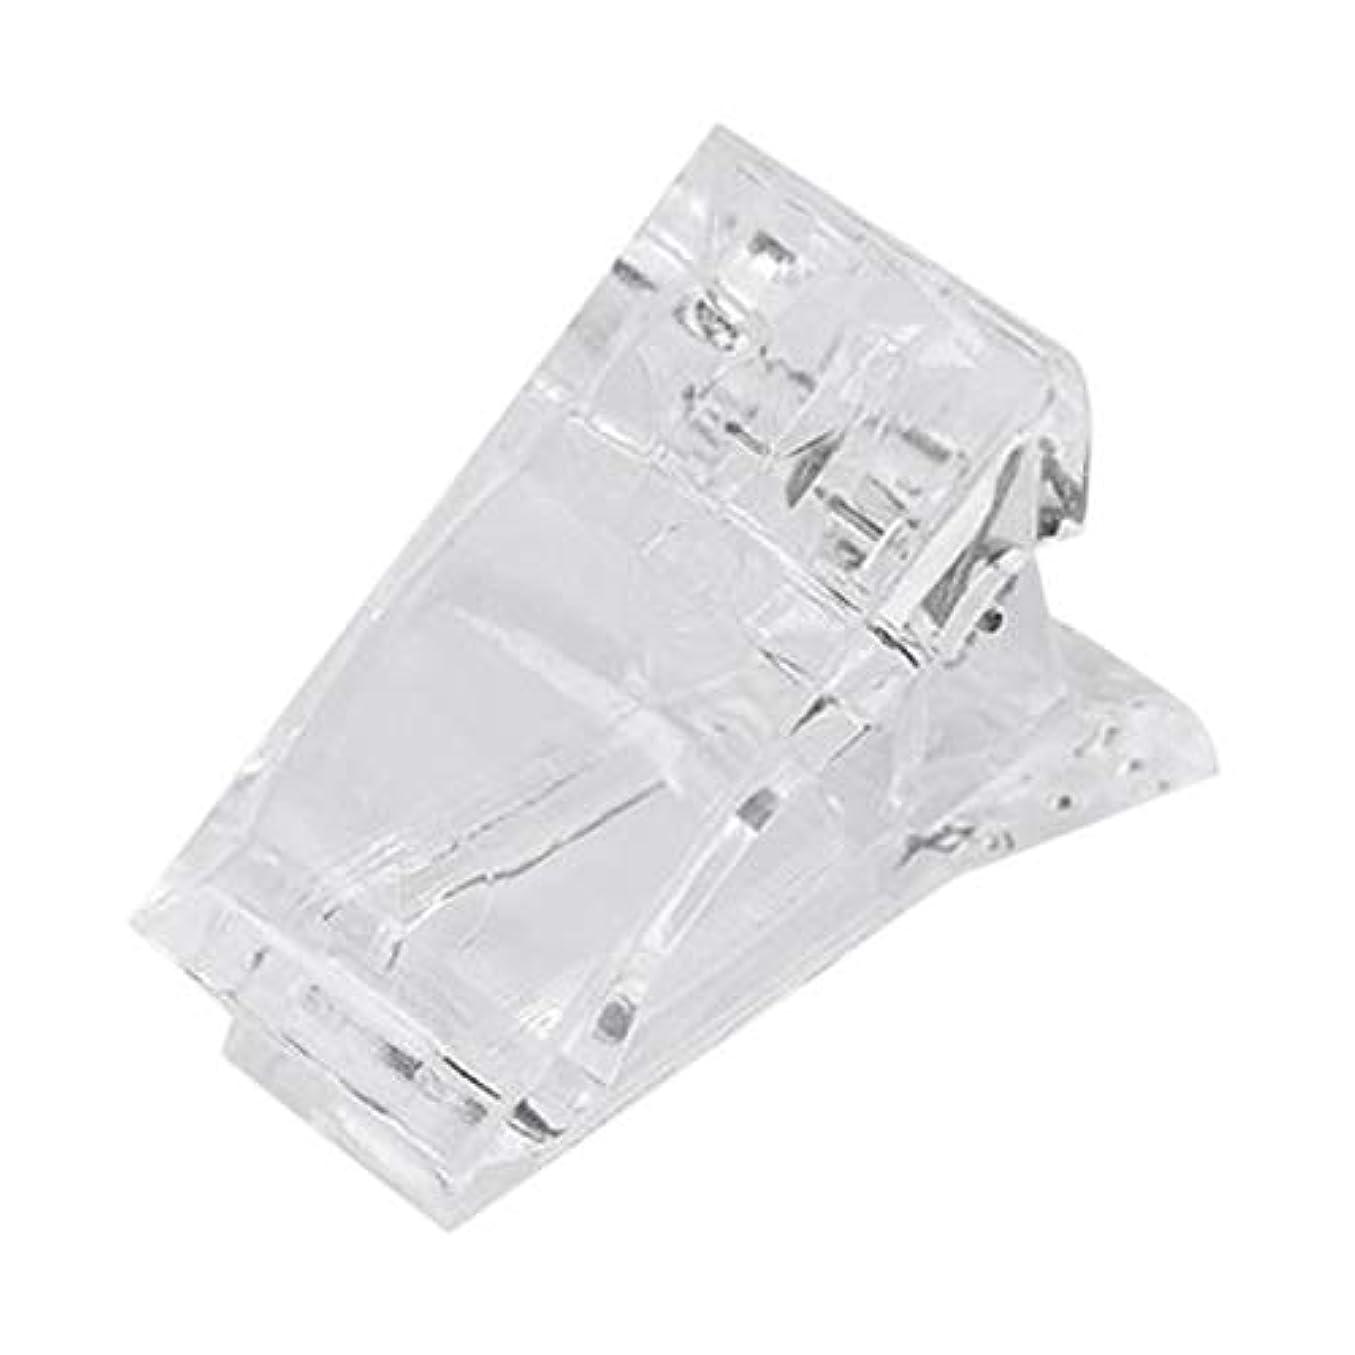 折体チャンピオンVaorwne ネイルのクリップ 透明指ポリクイック ビルディングジェルエクステンション ネイルアート マニキュアツール アクセサリー 偽ネイル